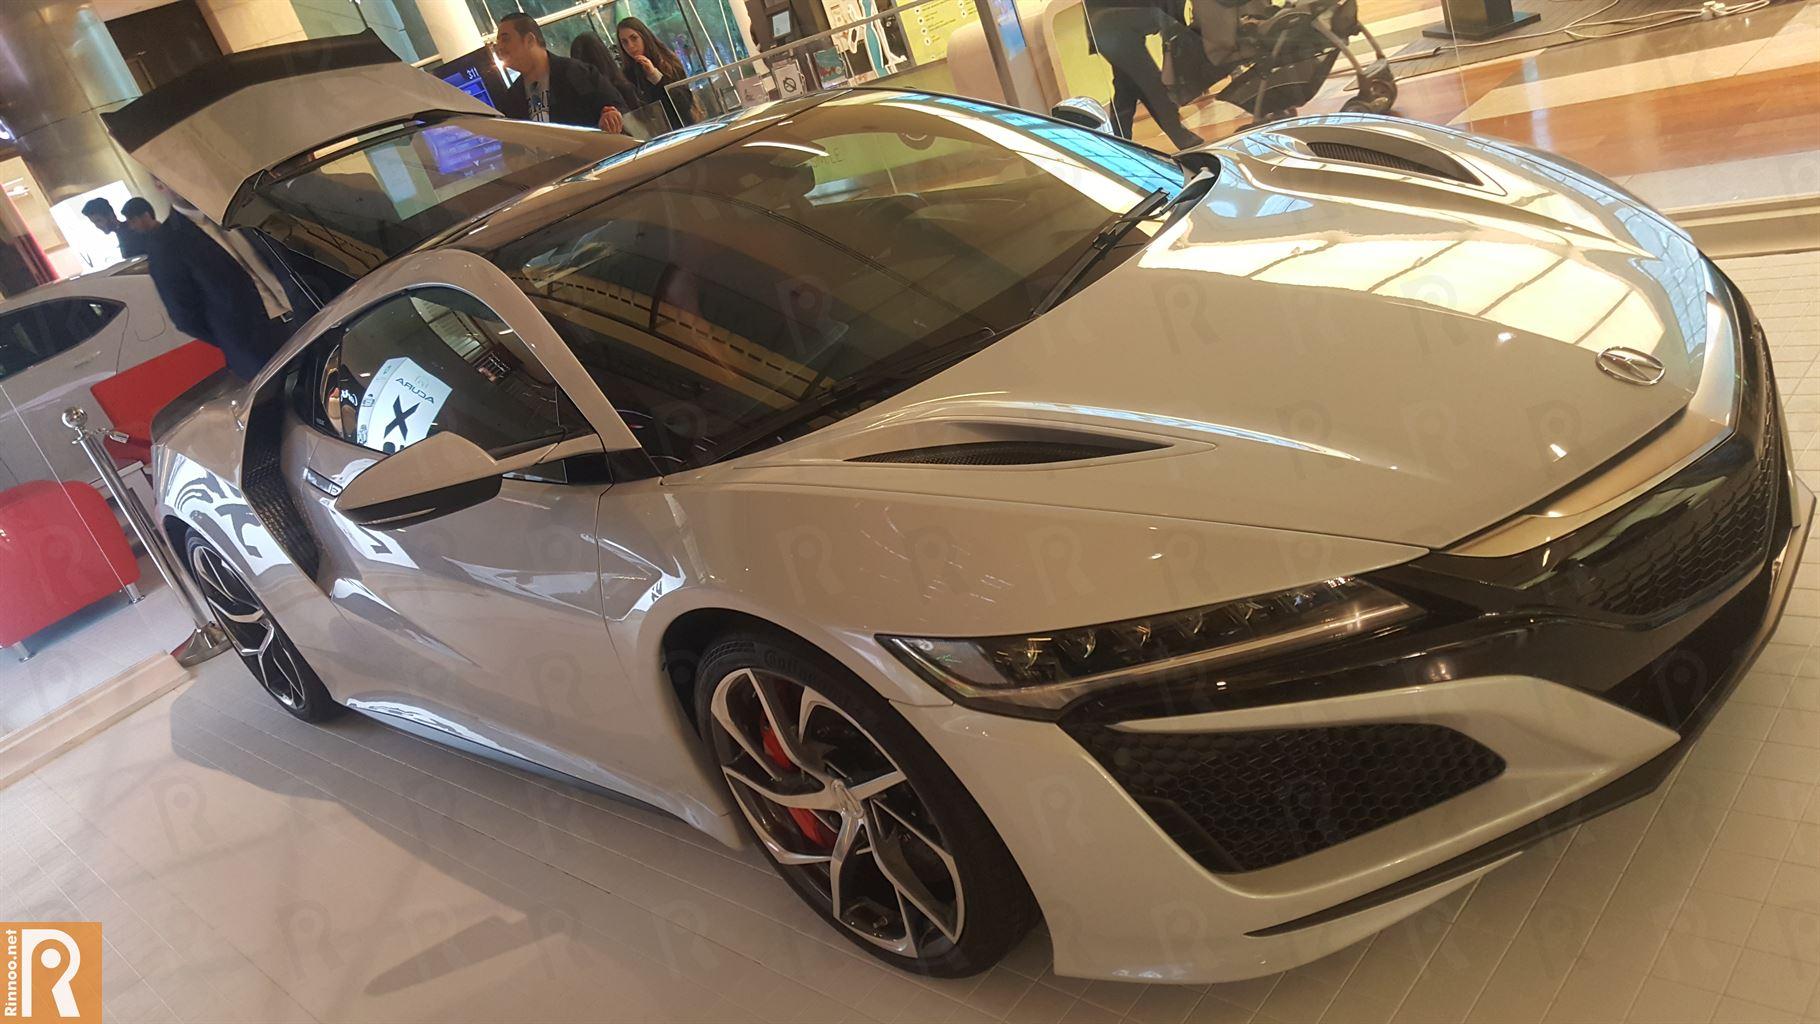 صور سيارات الكويت , اجمل واشيك سيارات